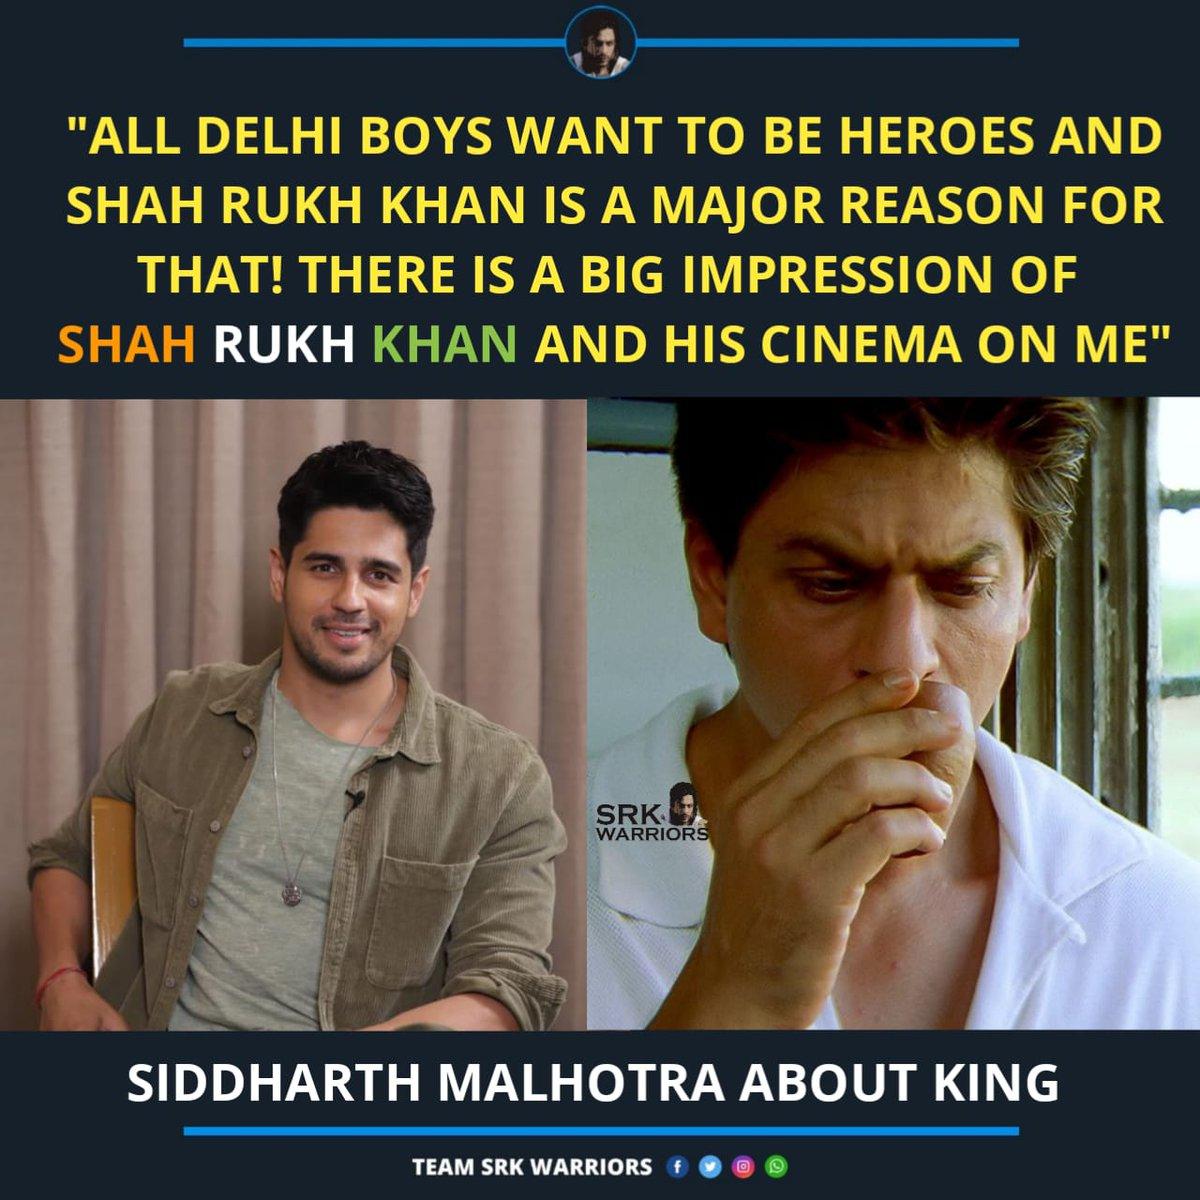 Wishing a Very Happy Birthday to @SidMalhotra!❤  #SidharthMalhotra #ShahRukhKhan #SRK